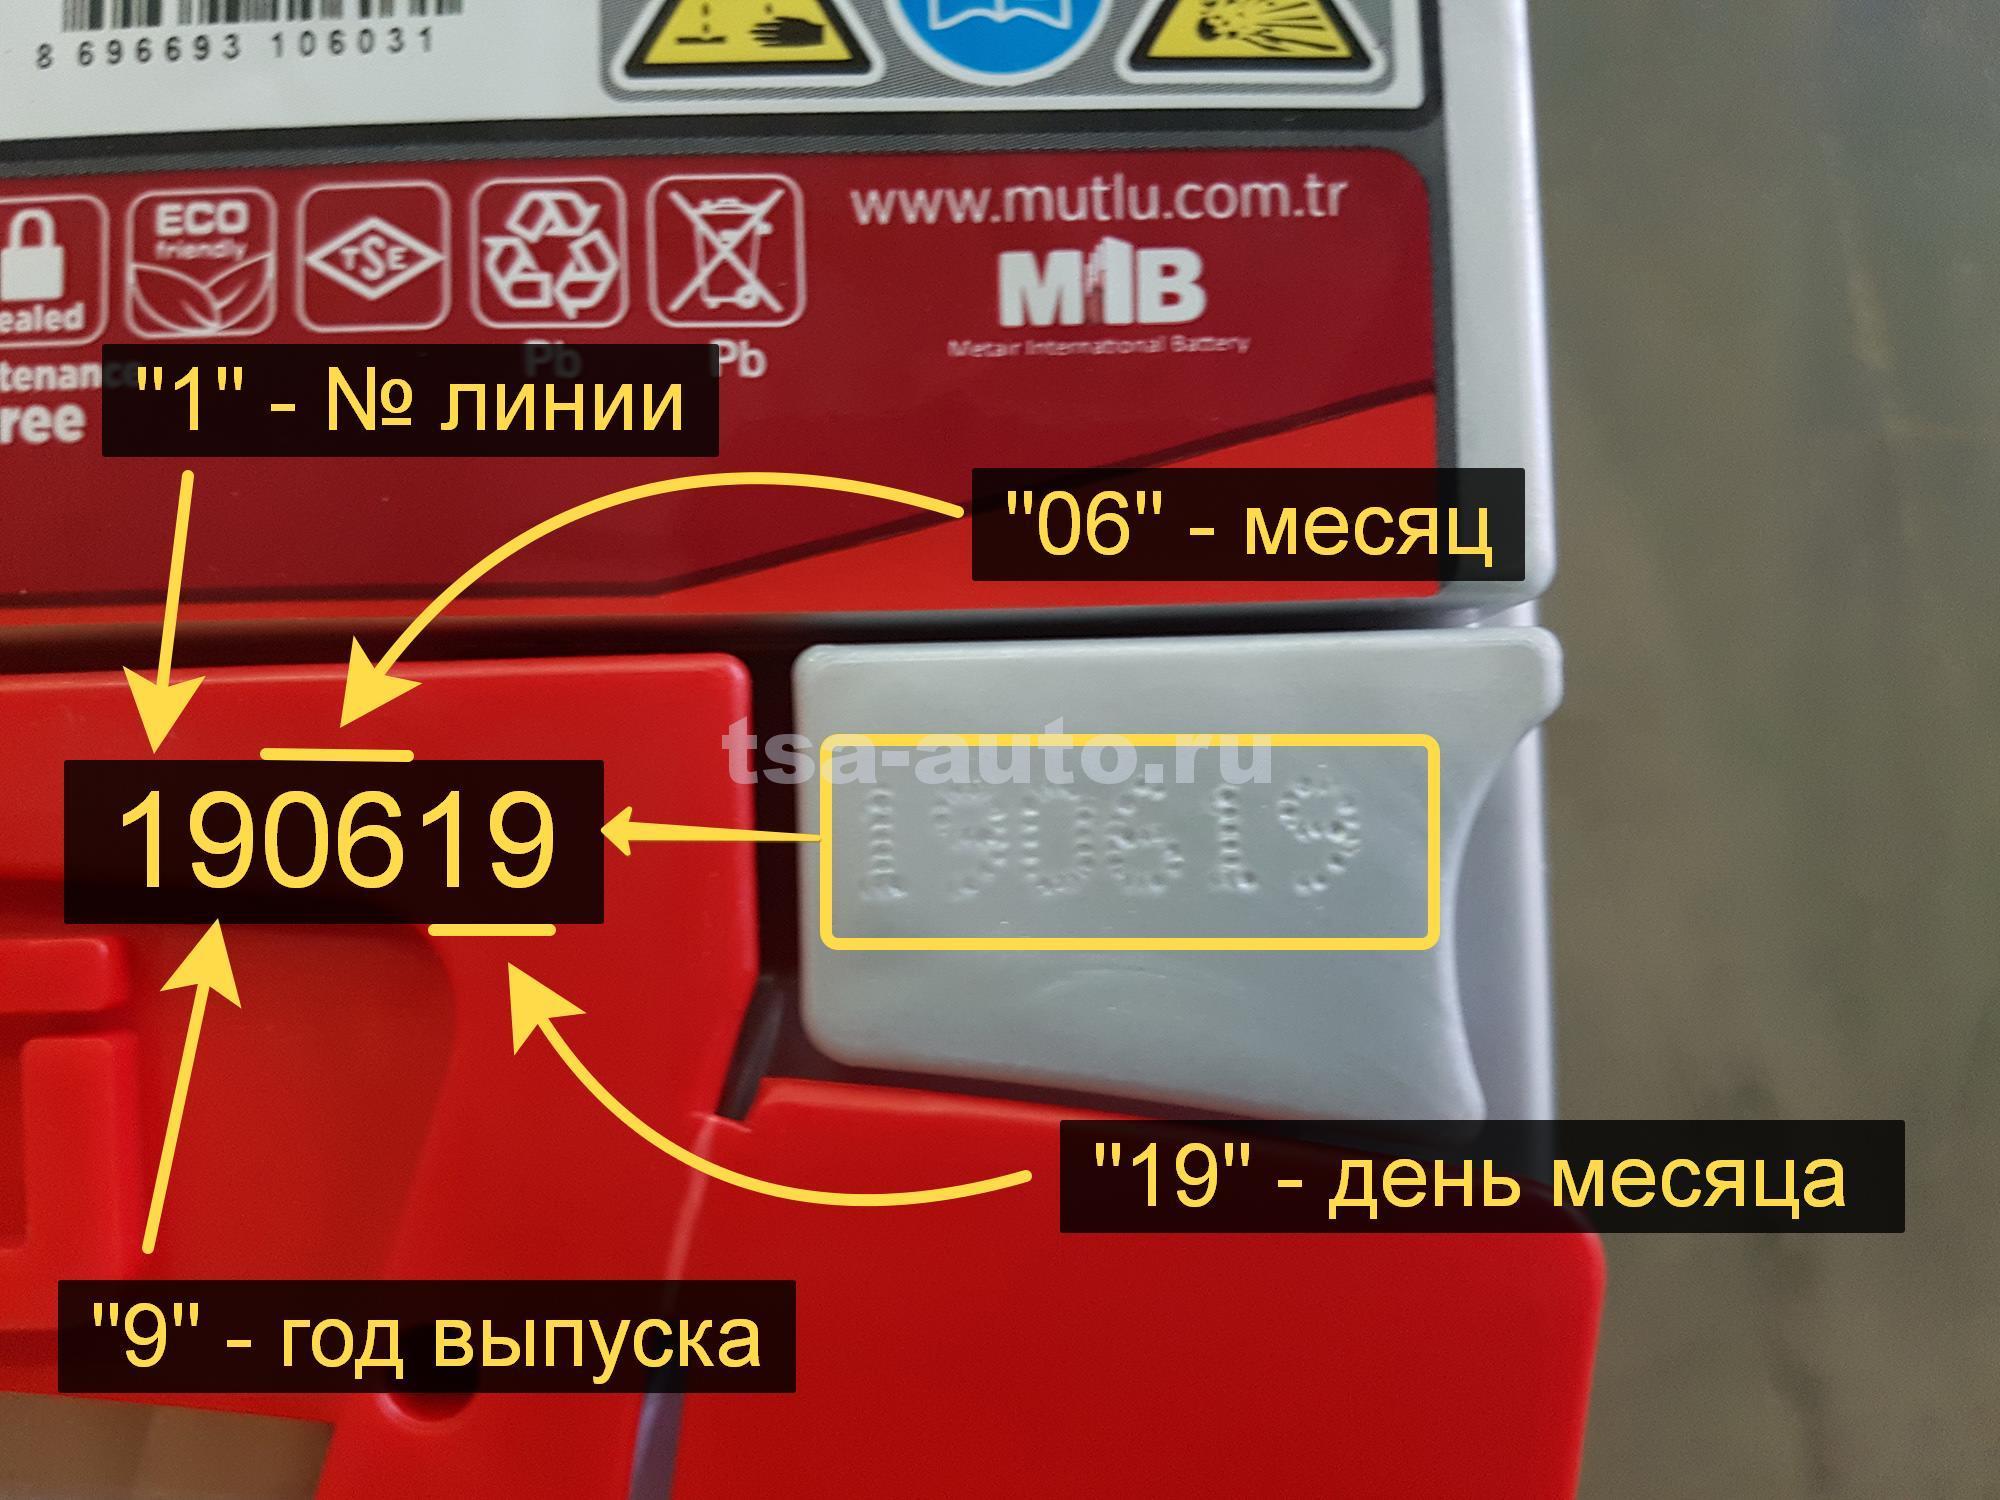 код акб мутлу, дата выпуска